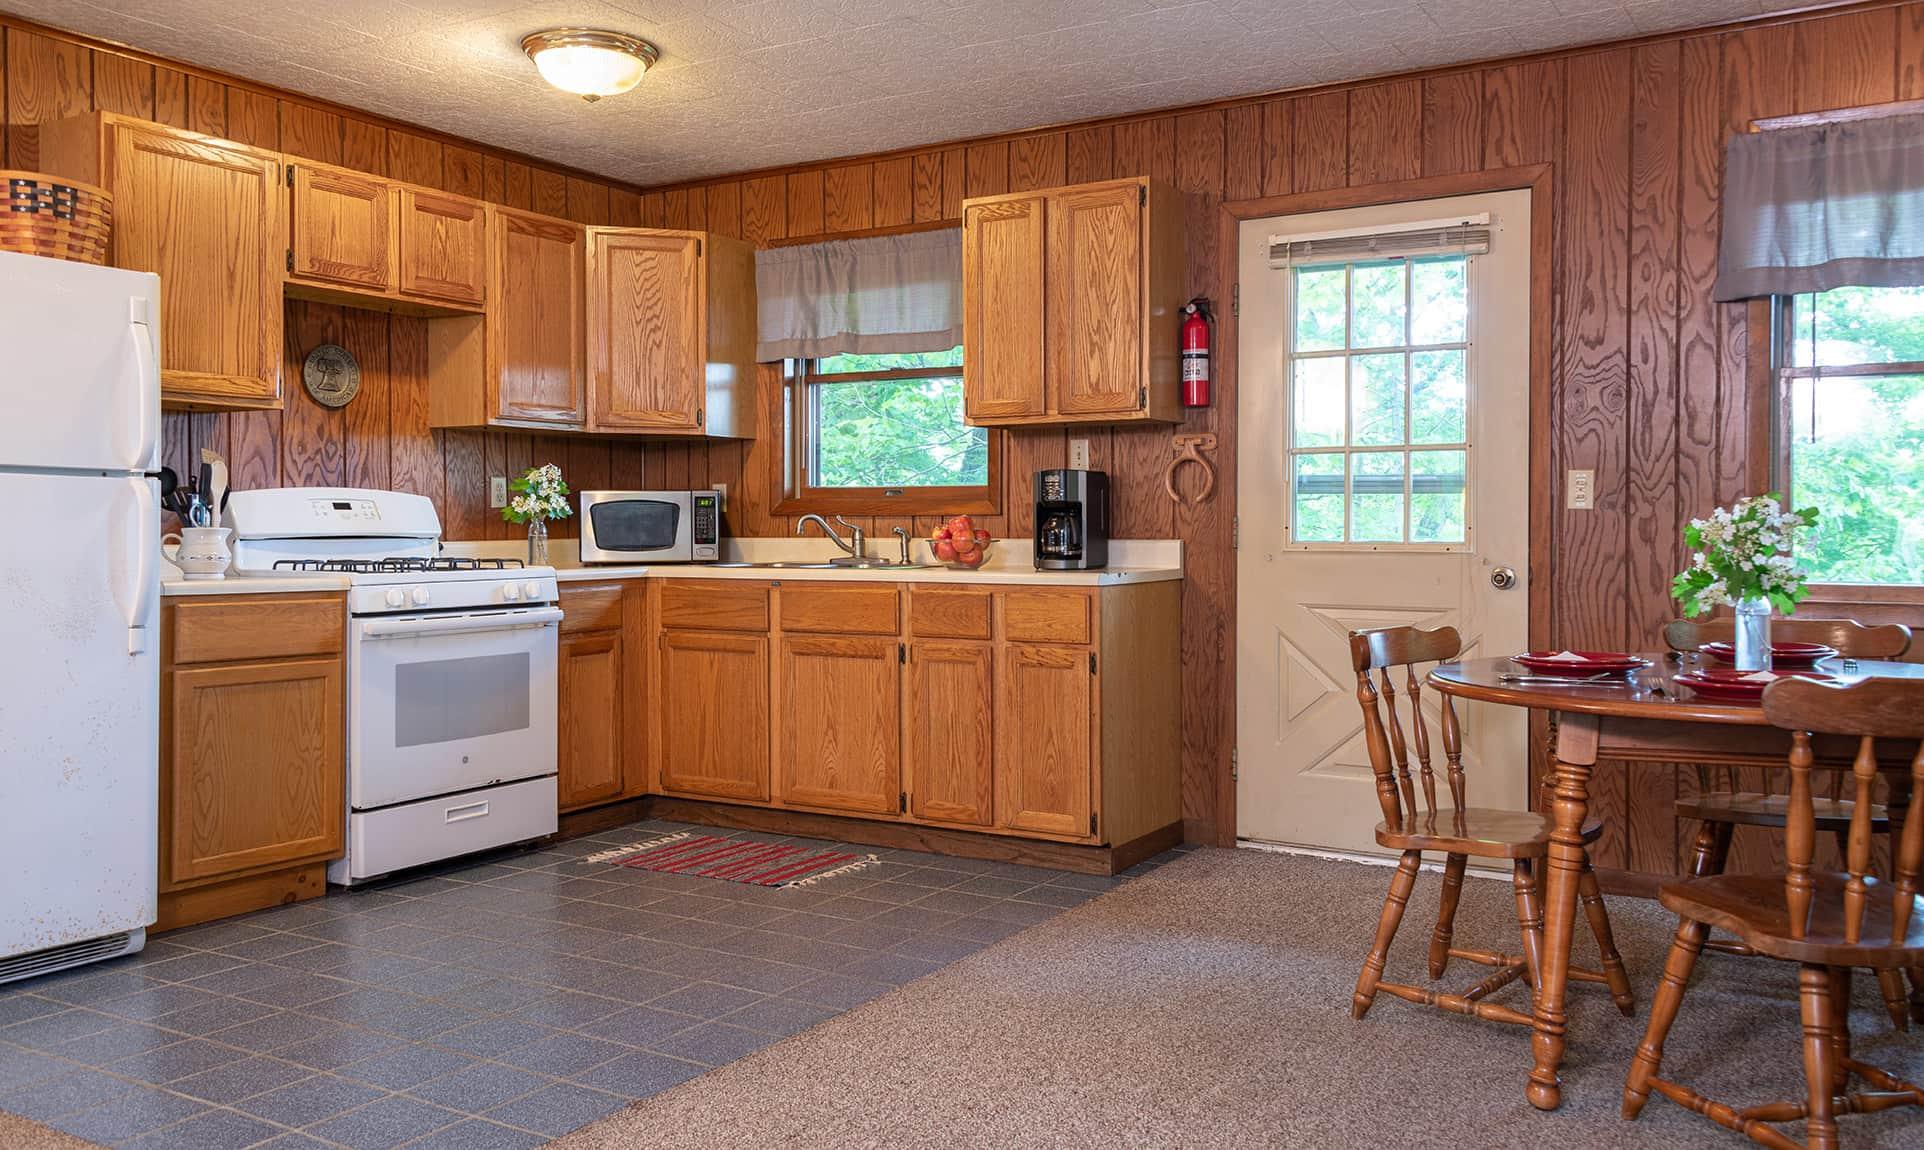 Americana Cabin kitchen near Buffalo Rock State Park